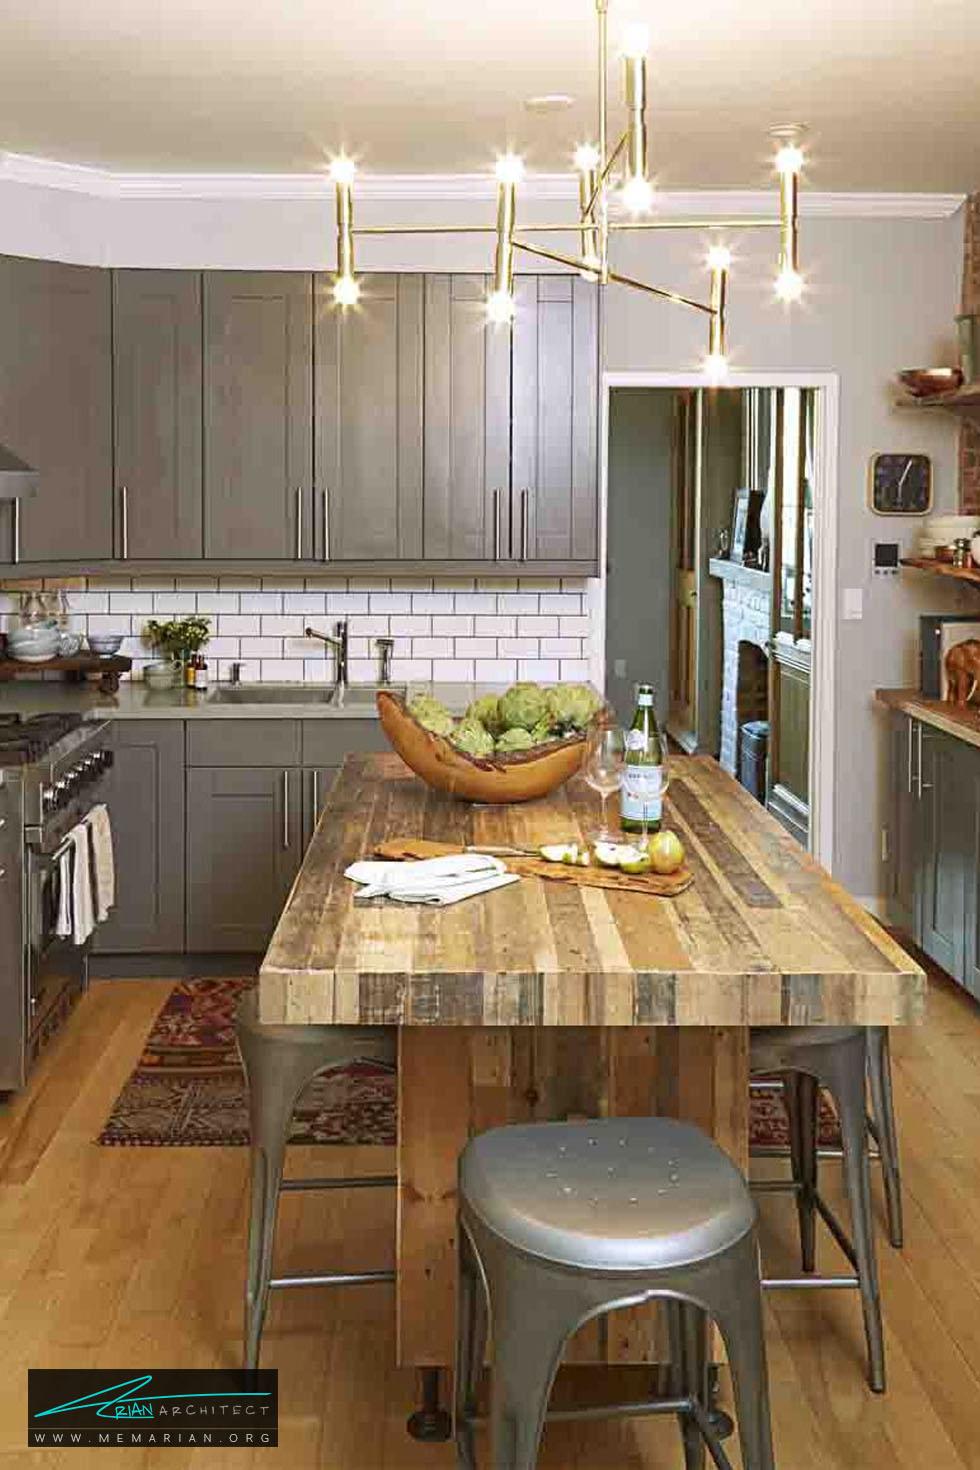 میزهای چندکاره و چندقابلیتی - 20 ایده جذاب برای دکوراسیون آشپزخانه